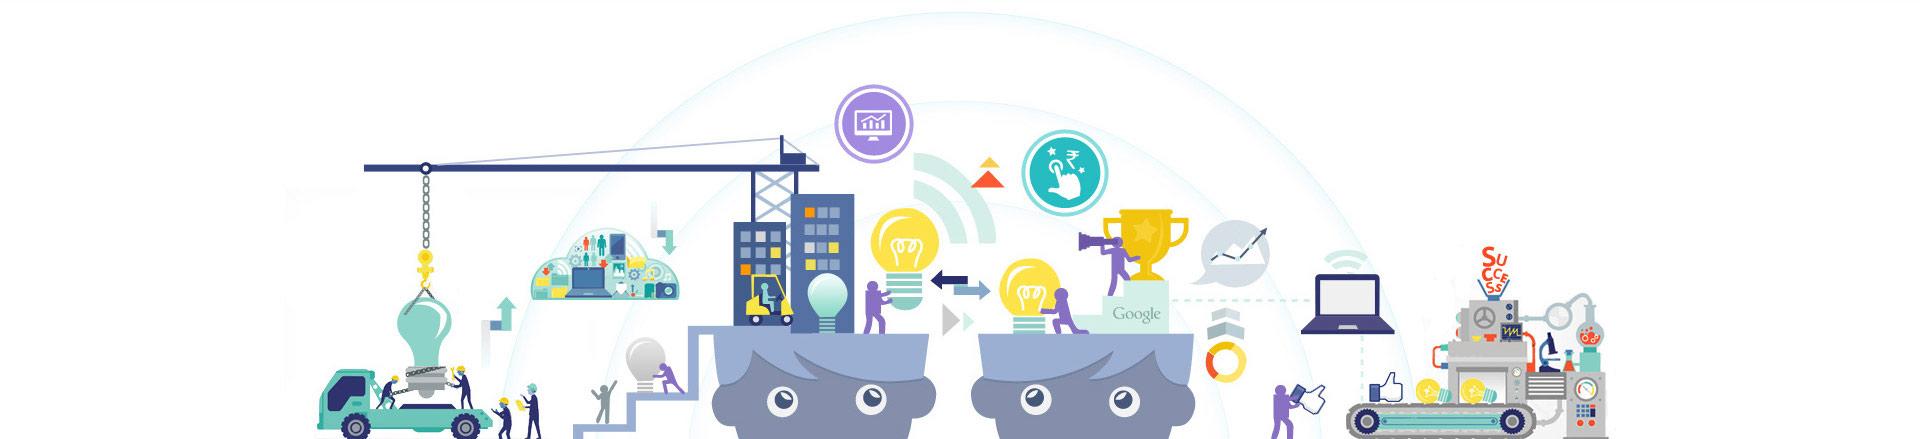 eCommerce Web Develoment